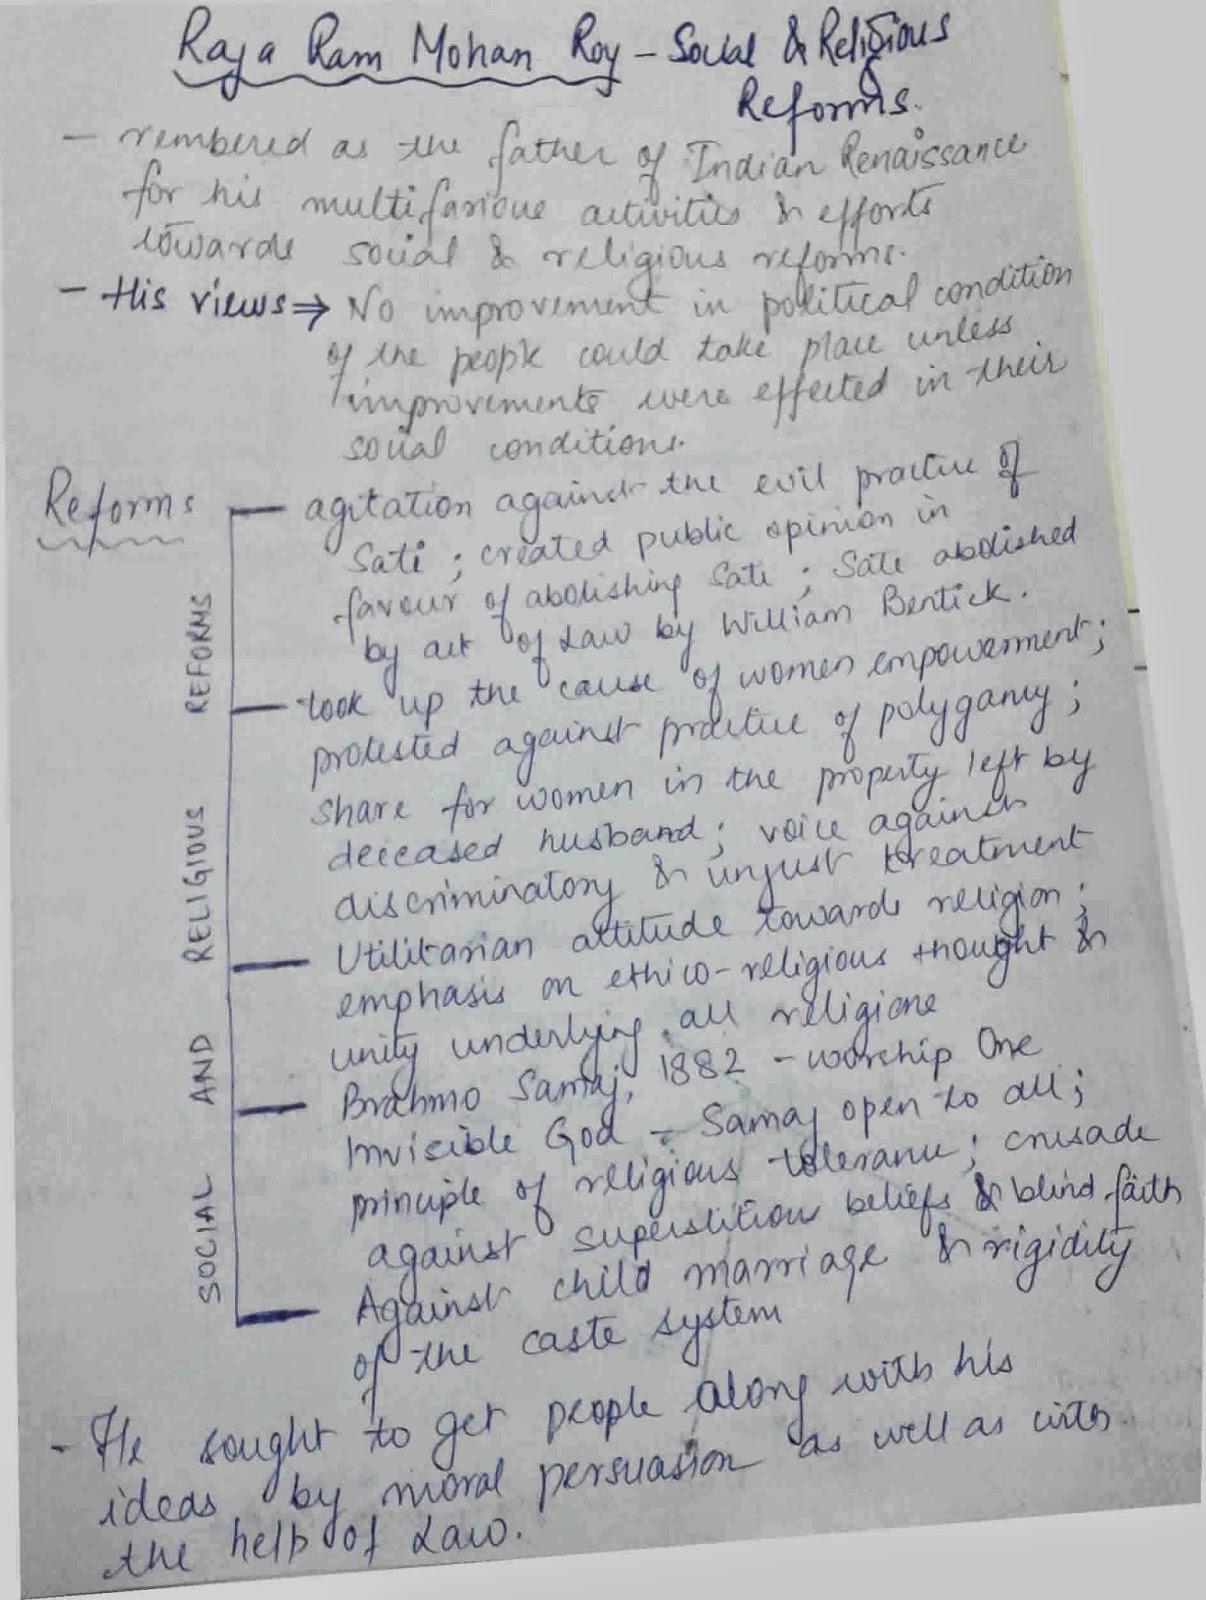 short essay on raja ram mohan roy 91 121 113 106 short essay on raja ram mohan roy